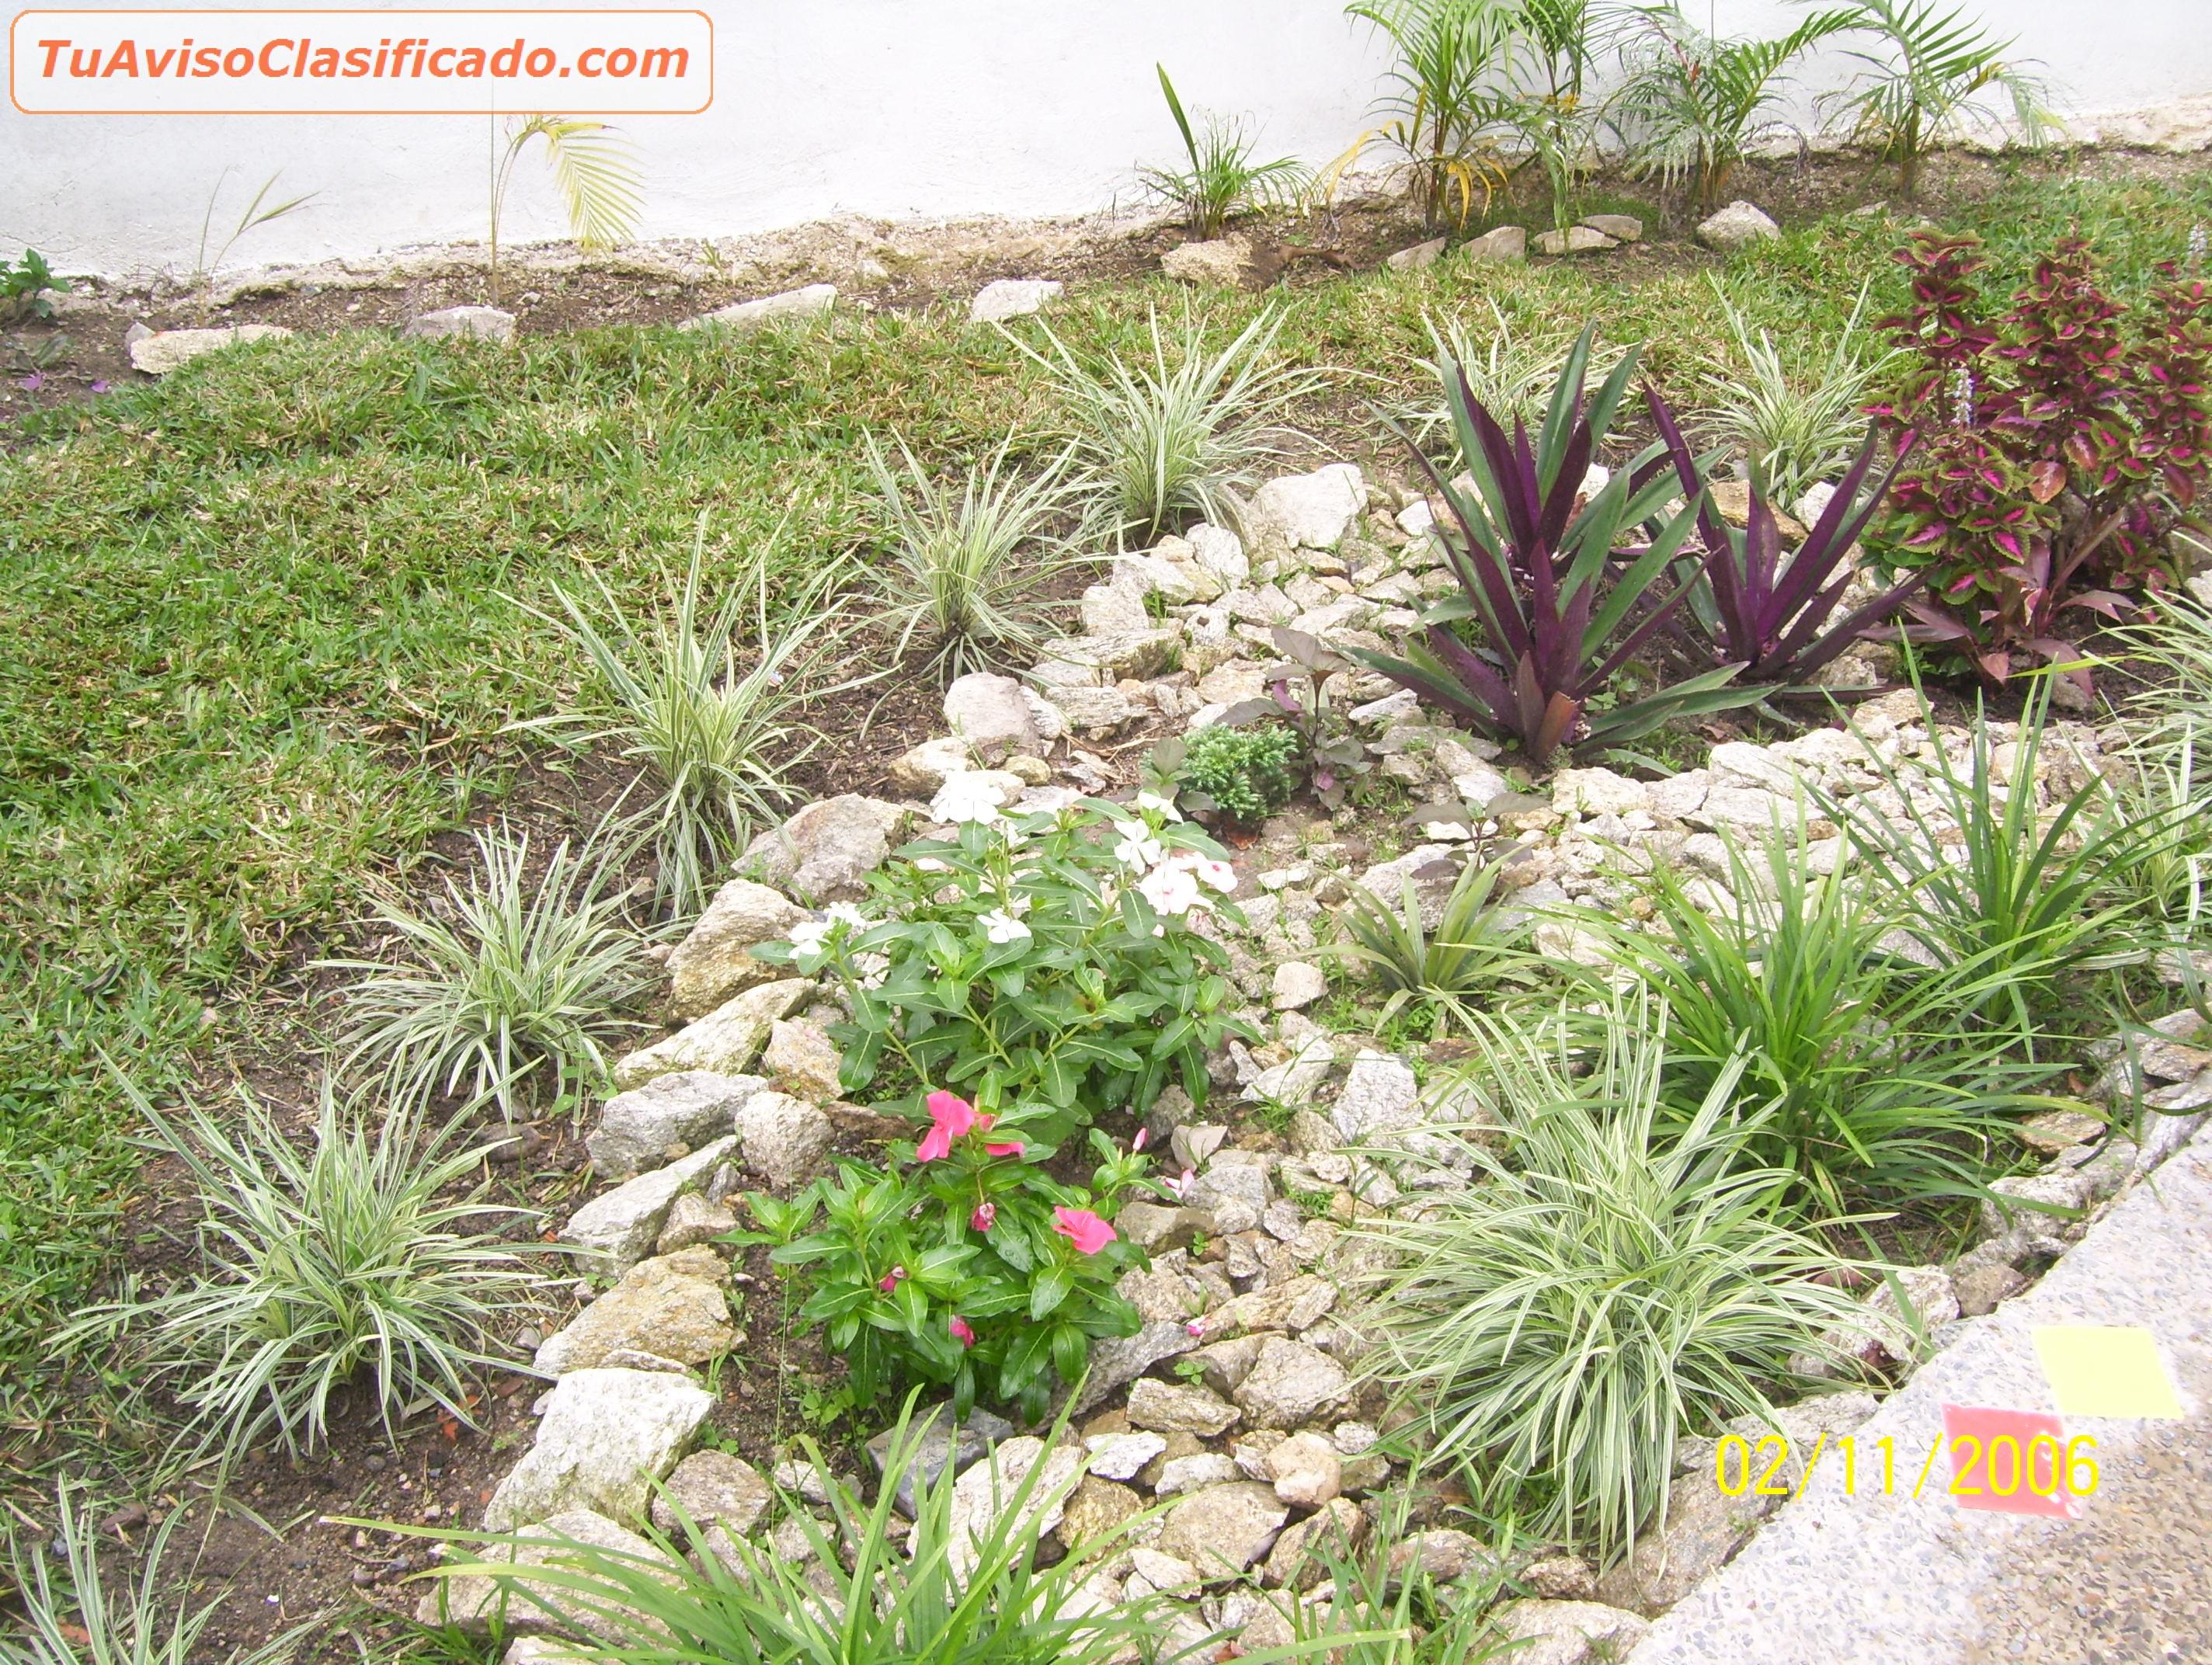 Embellecimiento de jardines y areas verdes jard n y for Jardines verdes